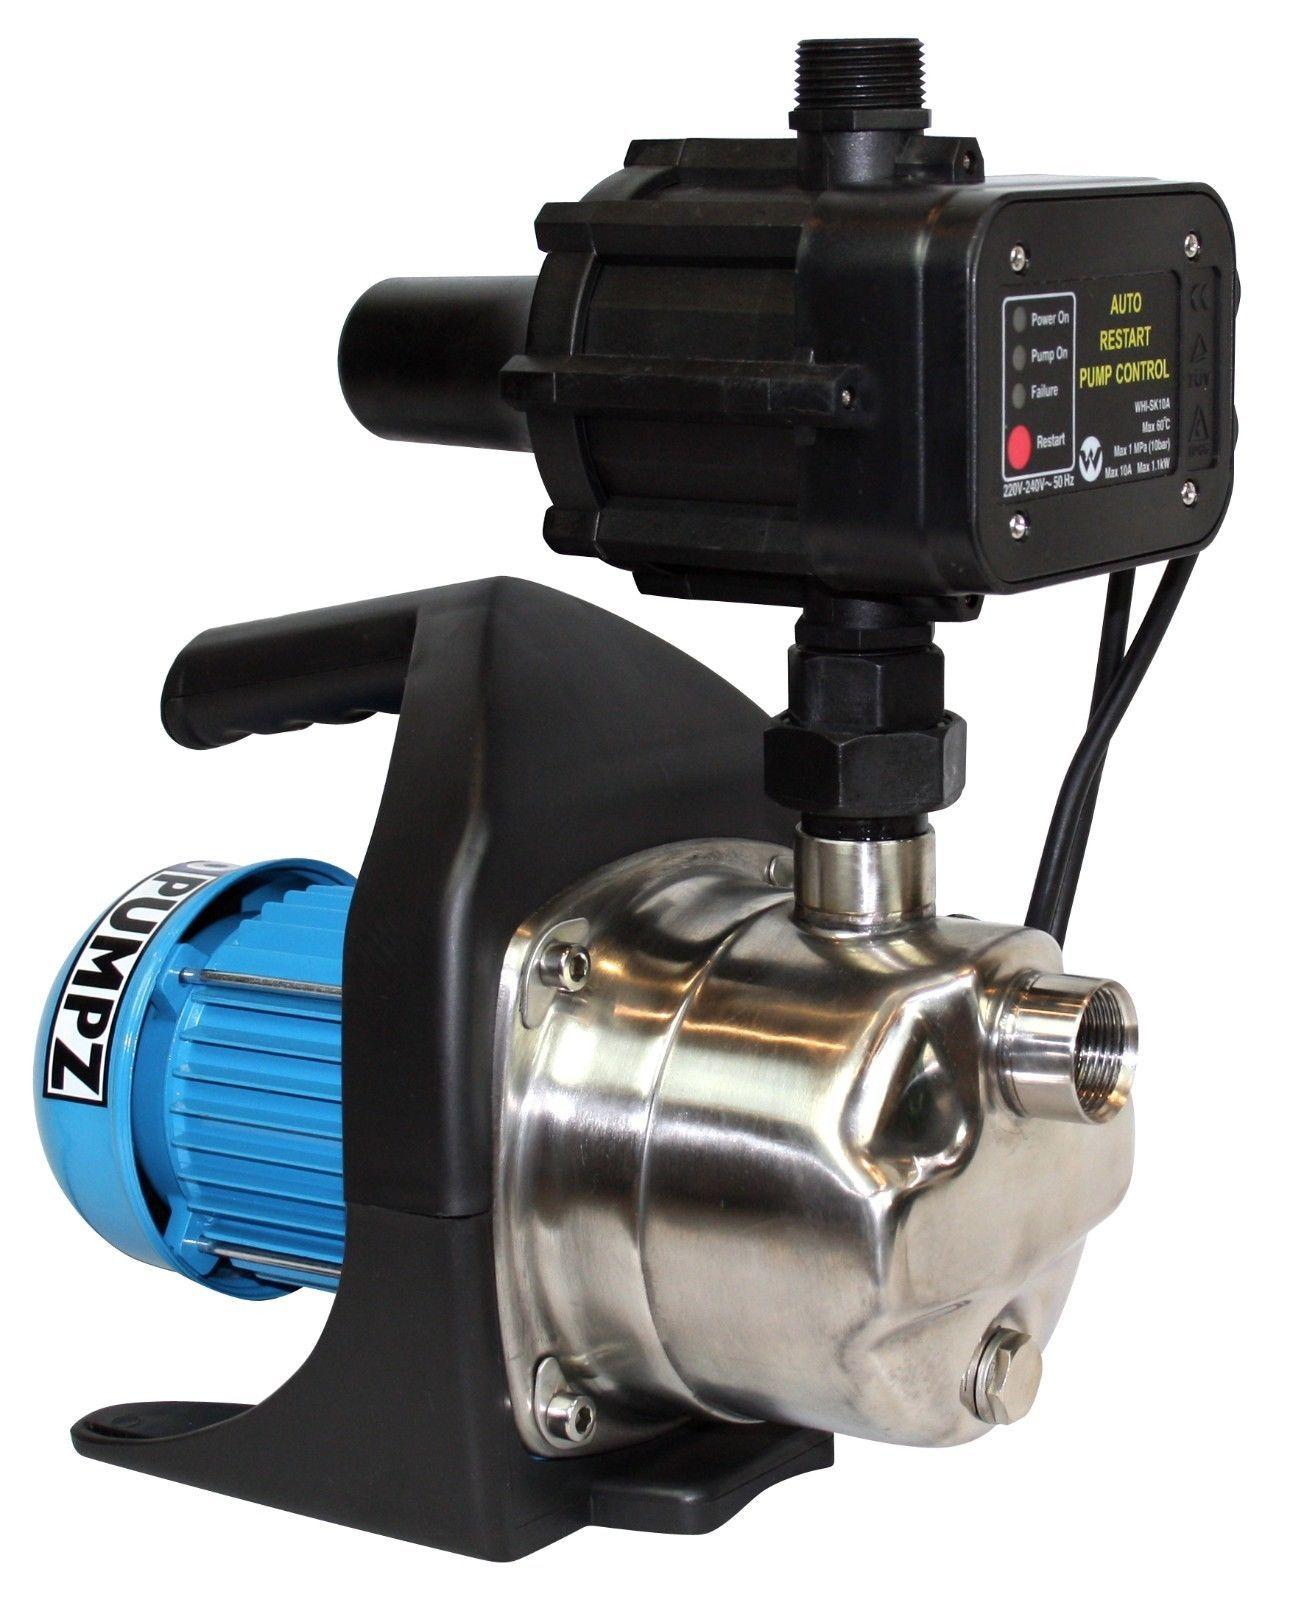 NEW Bianco Pressure Pump Auto 600W Rain Water Domestic